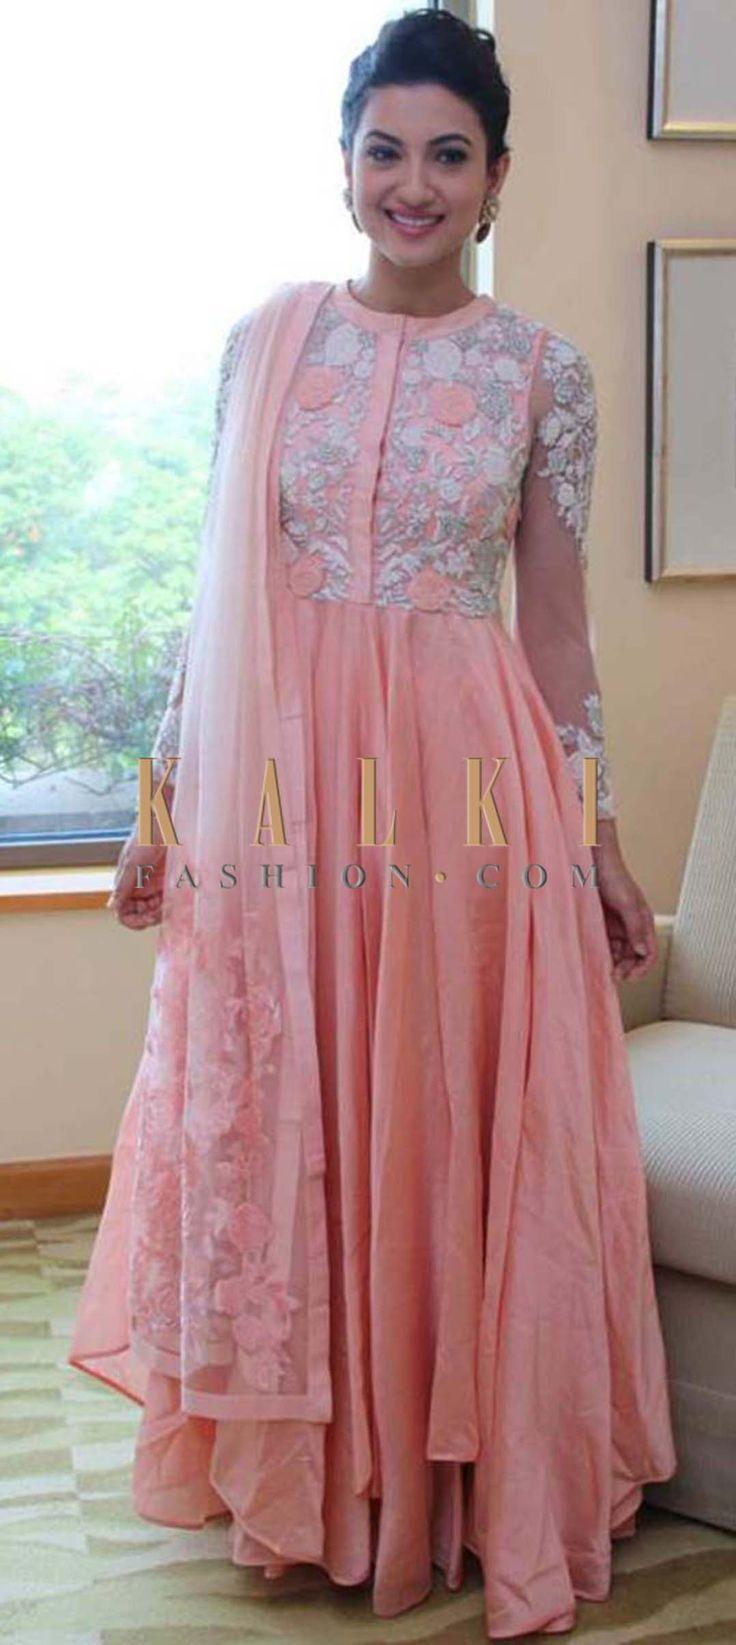 Best Celebrity style Inspired Dresses Online|Custom Made